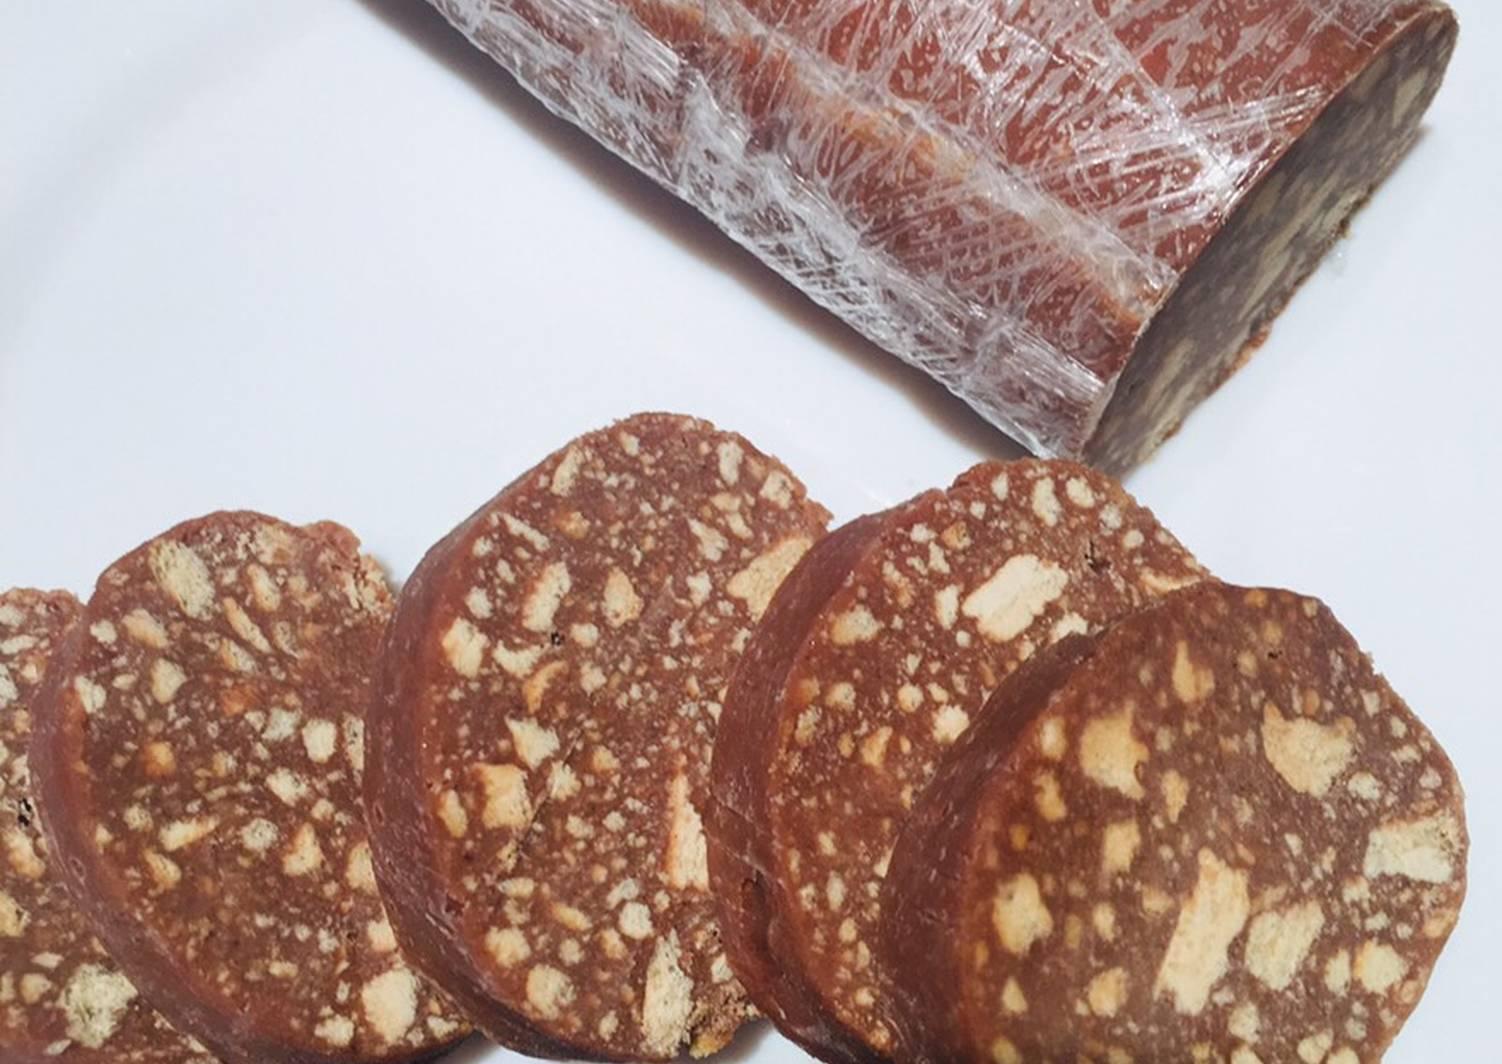 Шоколадная колбаска из печенья со сгущенкой и орехами